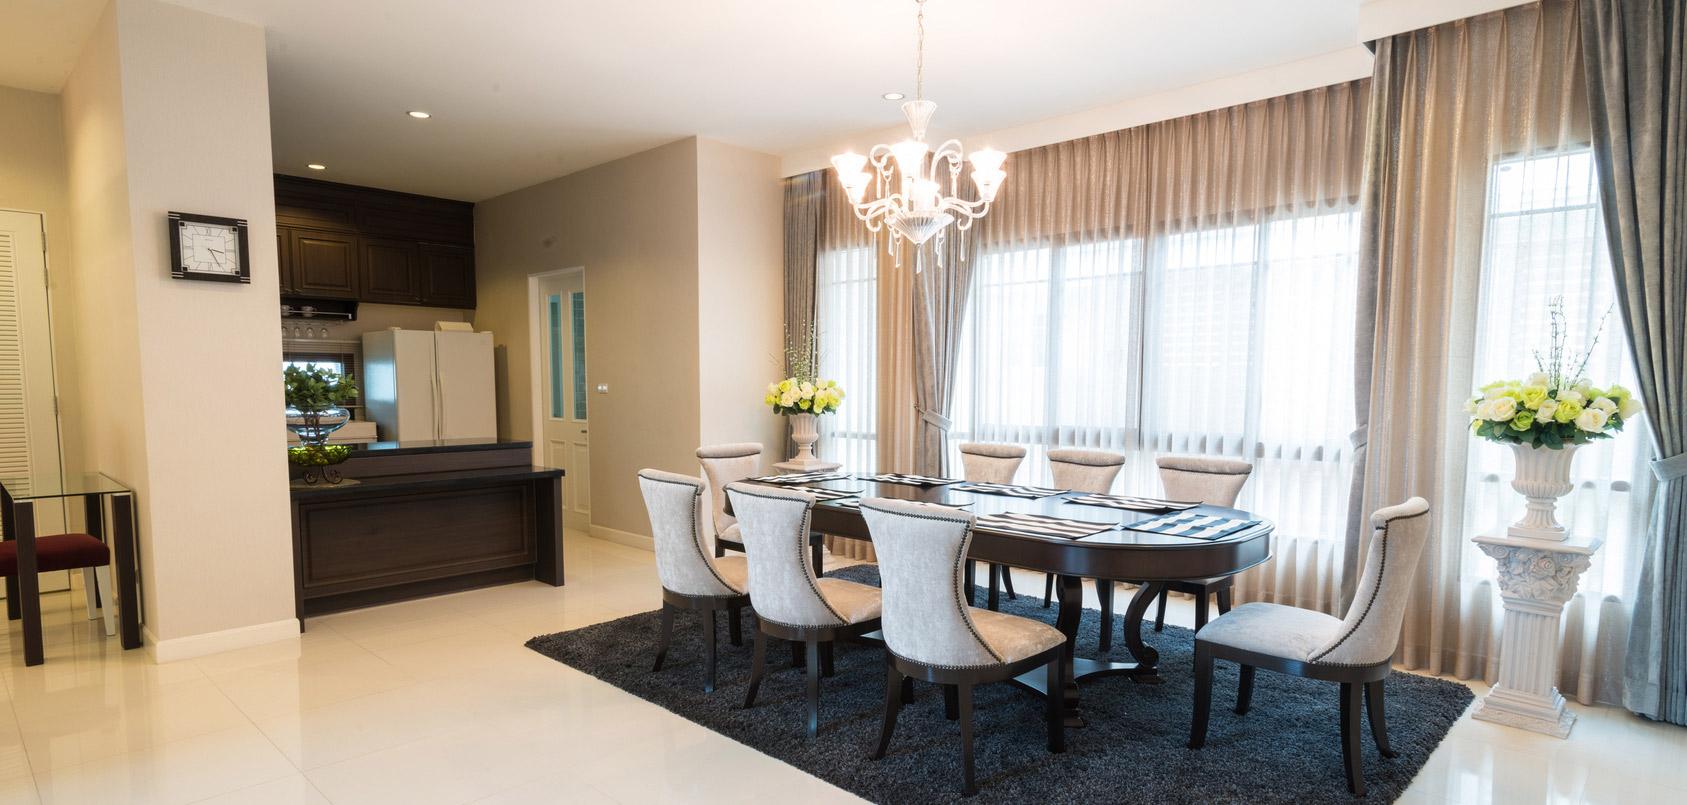 choisir des rideaux pour votre int rieur. Black Bedroom Furniture Sets. Home Design Ideas